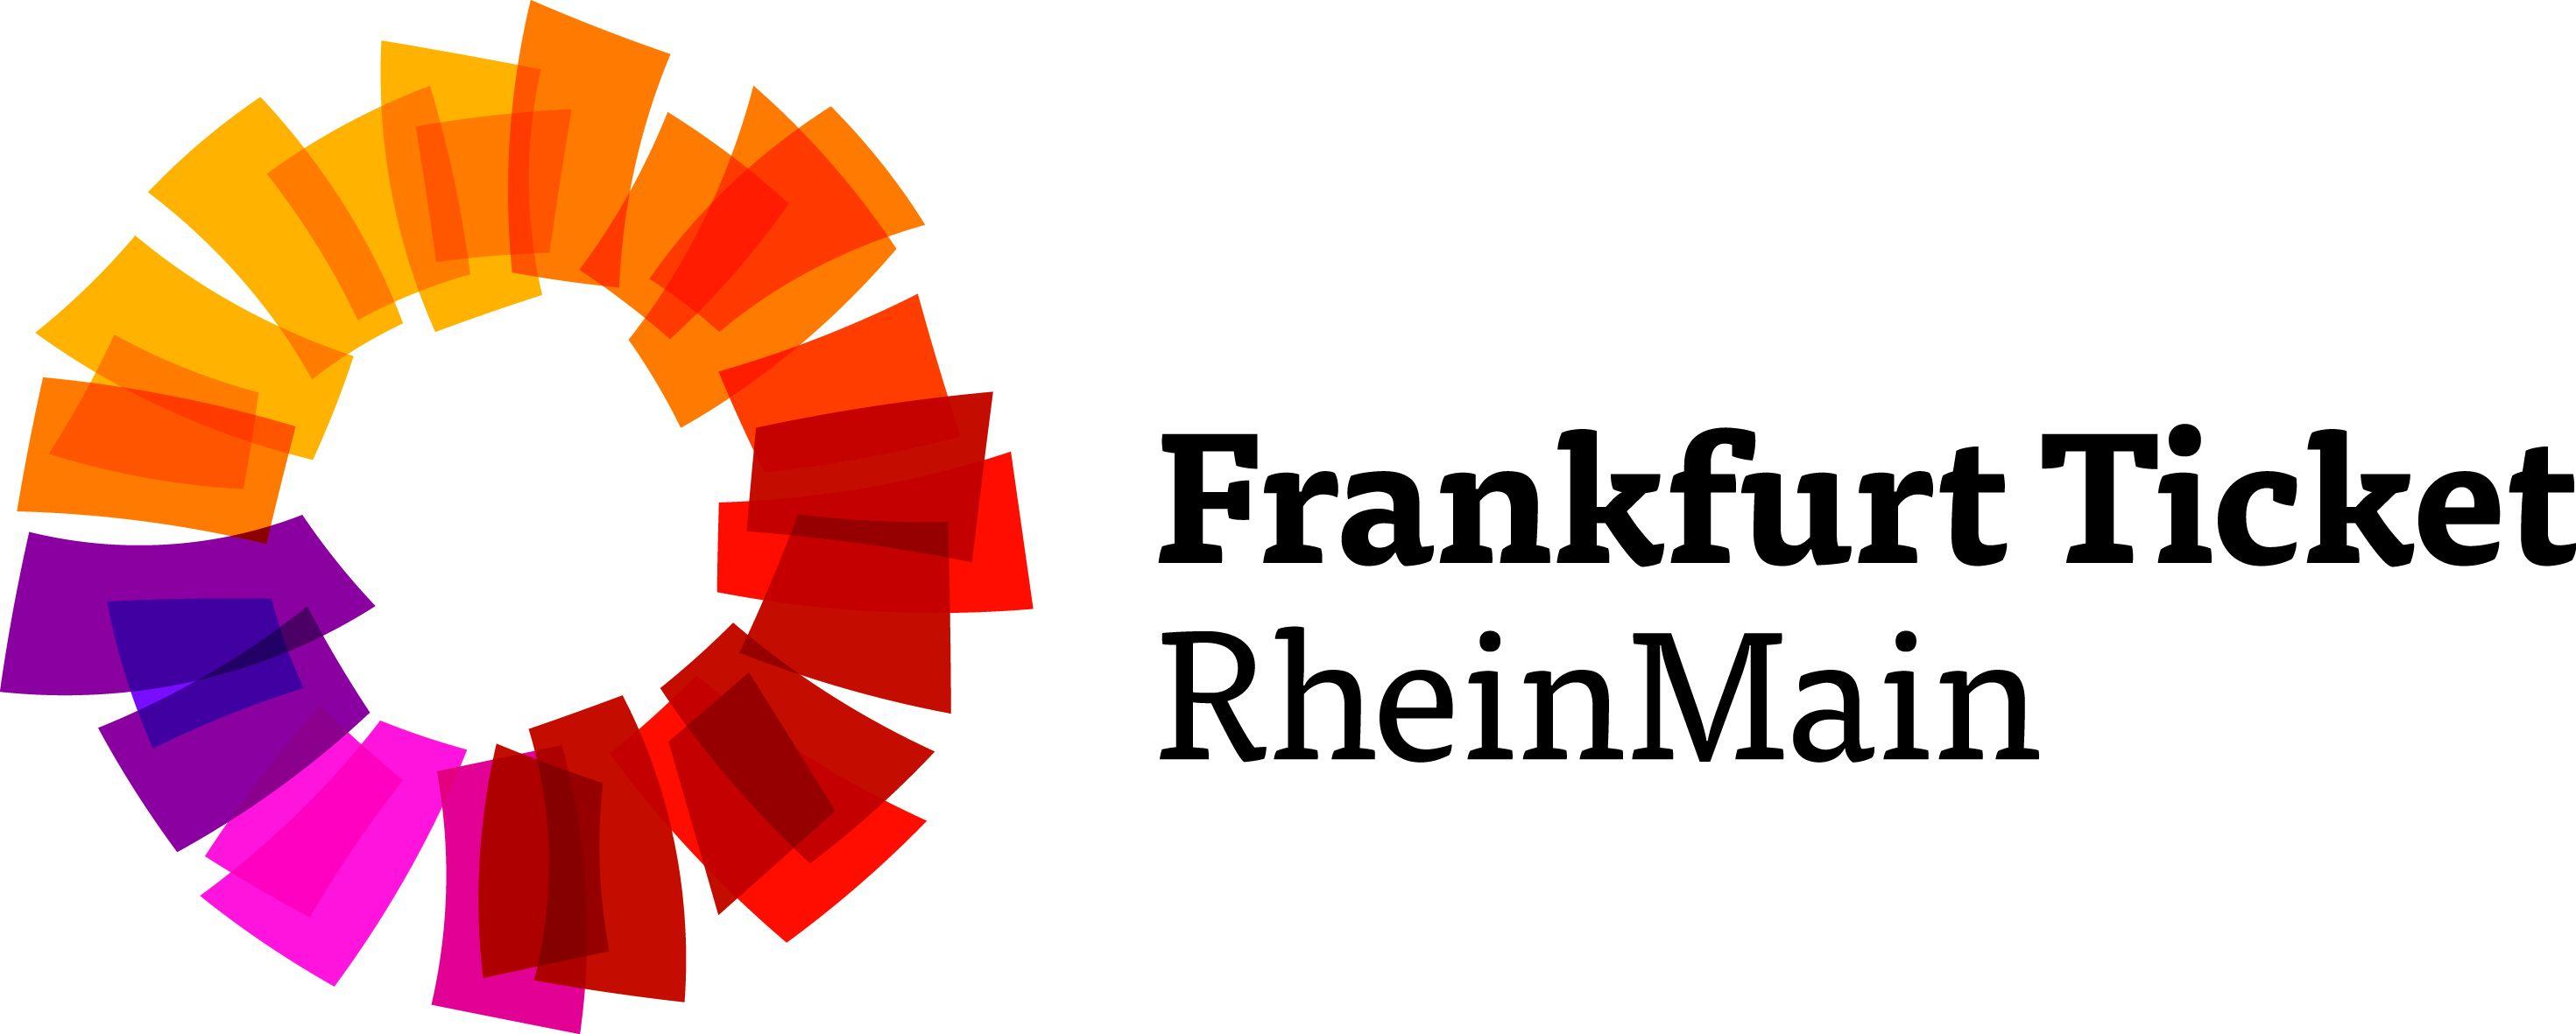 Frankfurt Ticket